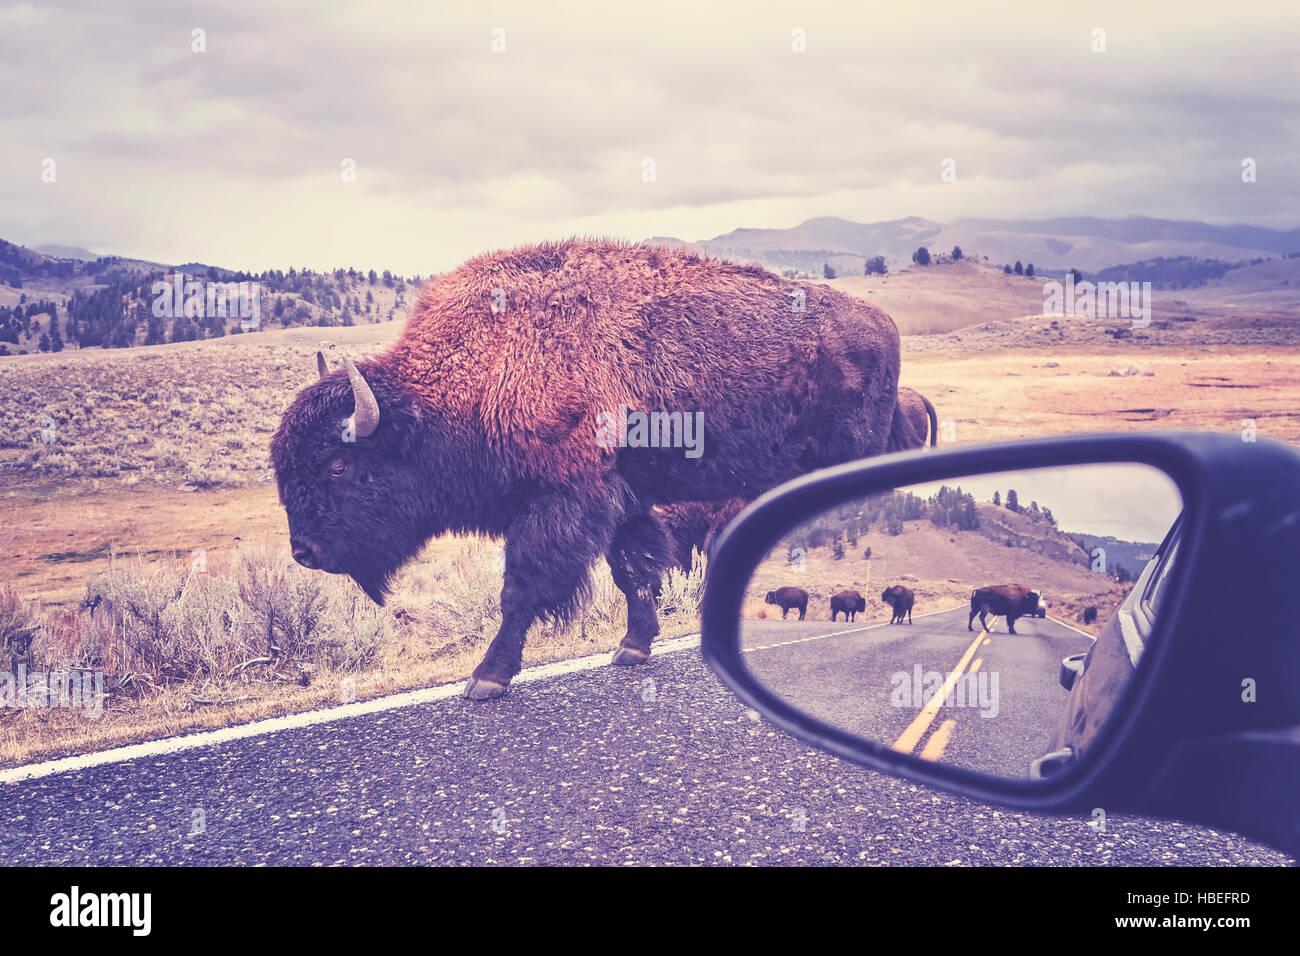 Retrò tonica foto di bisonti americani (Bison bison) su una strada visto da auto conducente Sedile in Grand Immagini Stock